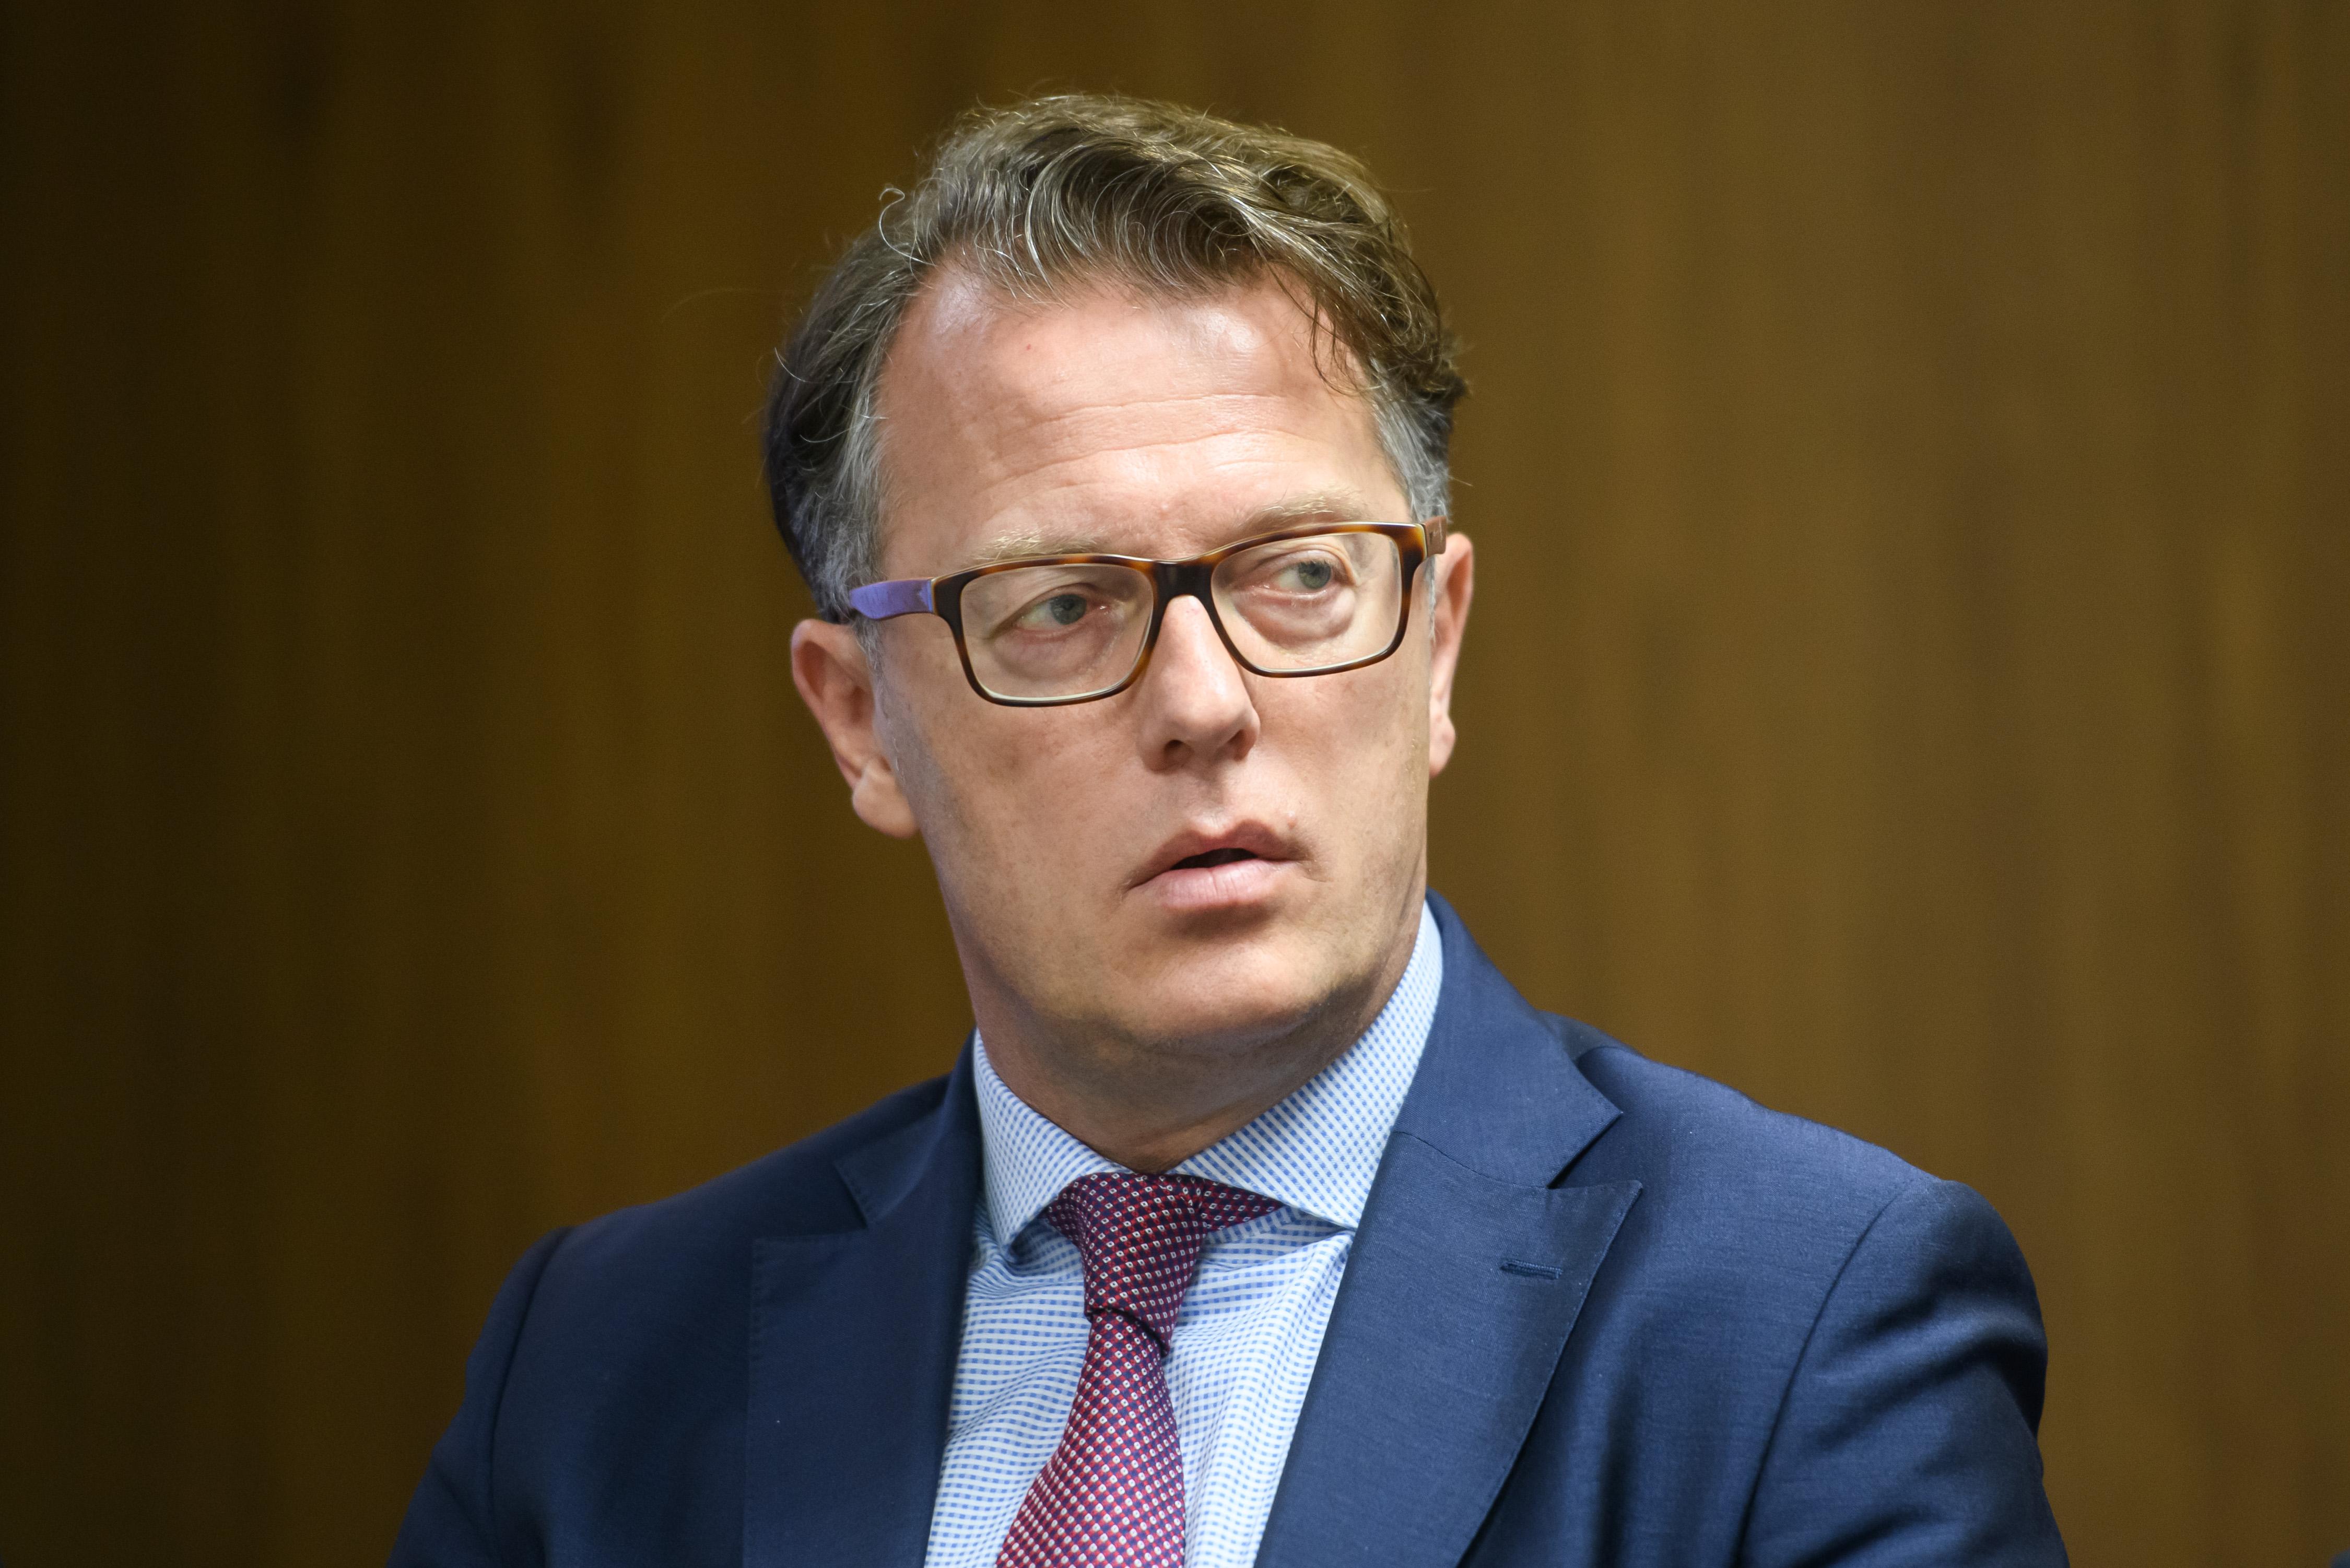 Predsednik in izvršni direktor propadlega projekta Cerarjeve in Šarčeve vlade EUBC HUB Blaž Golob. (Foto: STA)